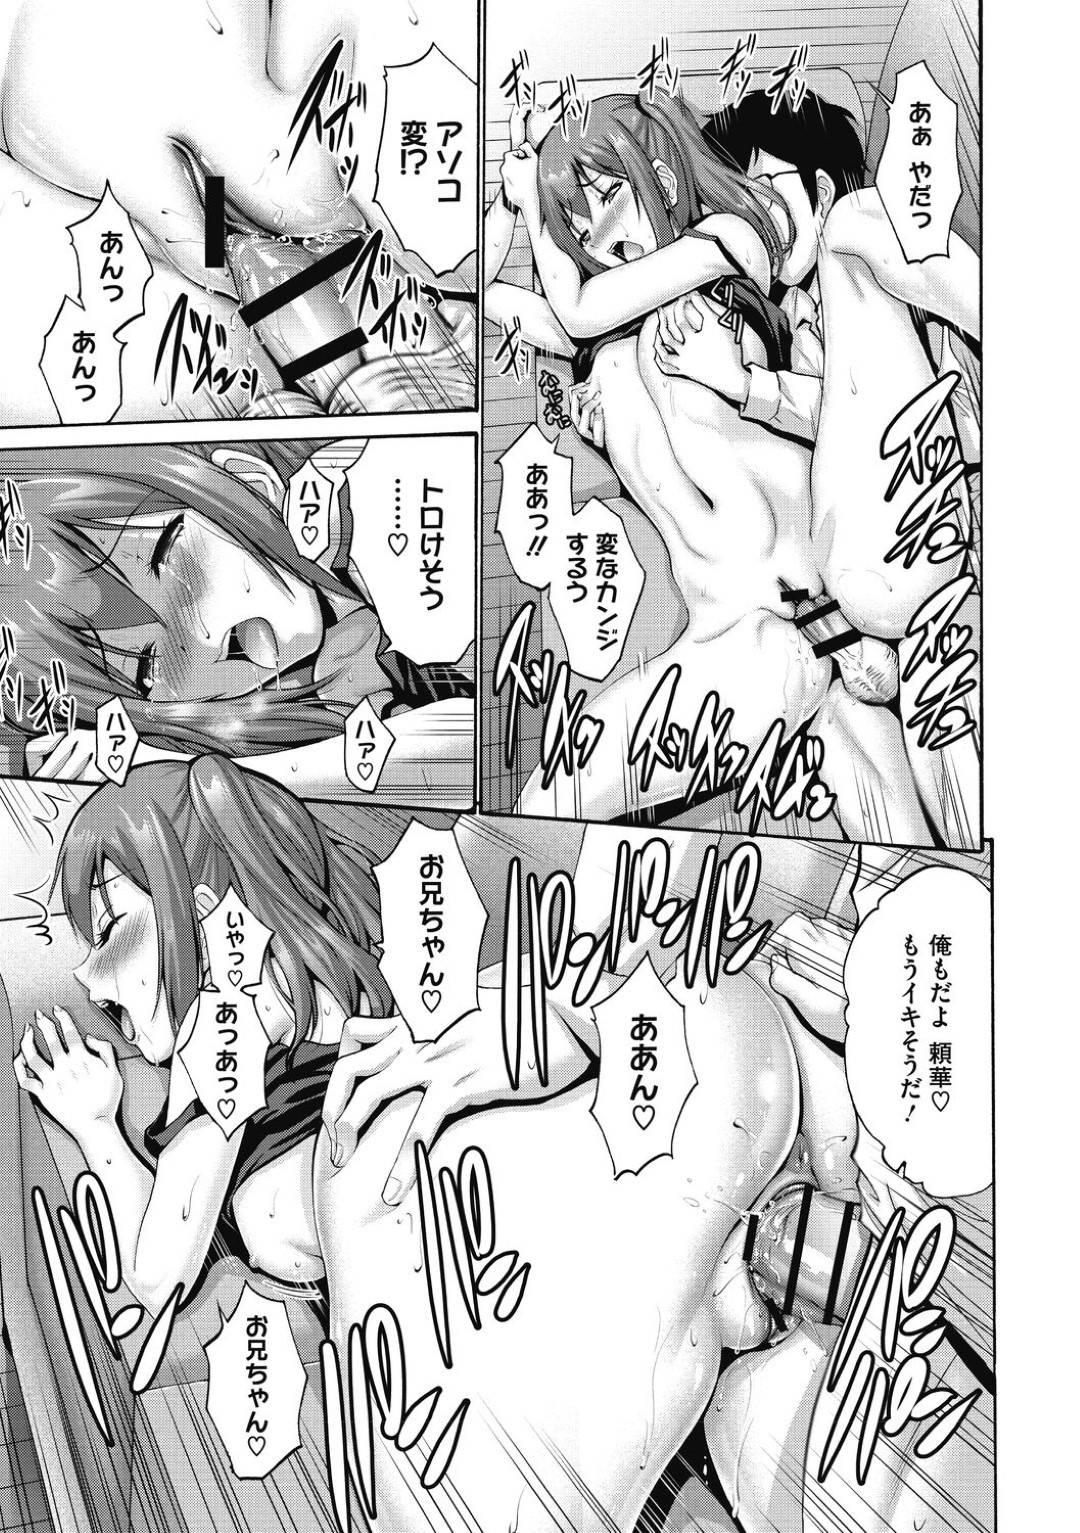 【エロ漫画】いつも兄からセクハラをされていた妹JK…ある日乳首を責められいつもより感じてしまい拒めずに生ハメ中出しセックスで処女を奪われる!【西川康:お嬢様の処女は兄のモノ】